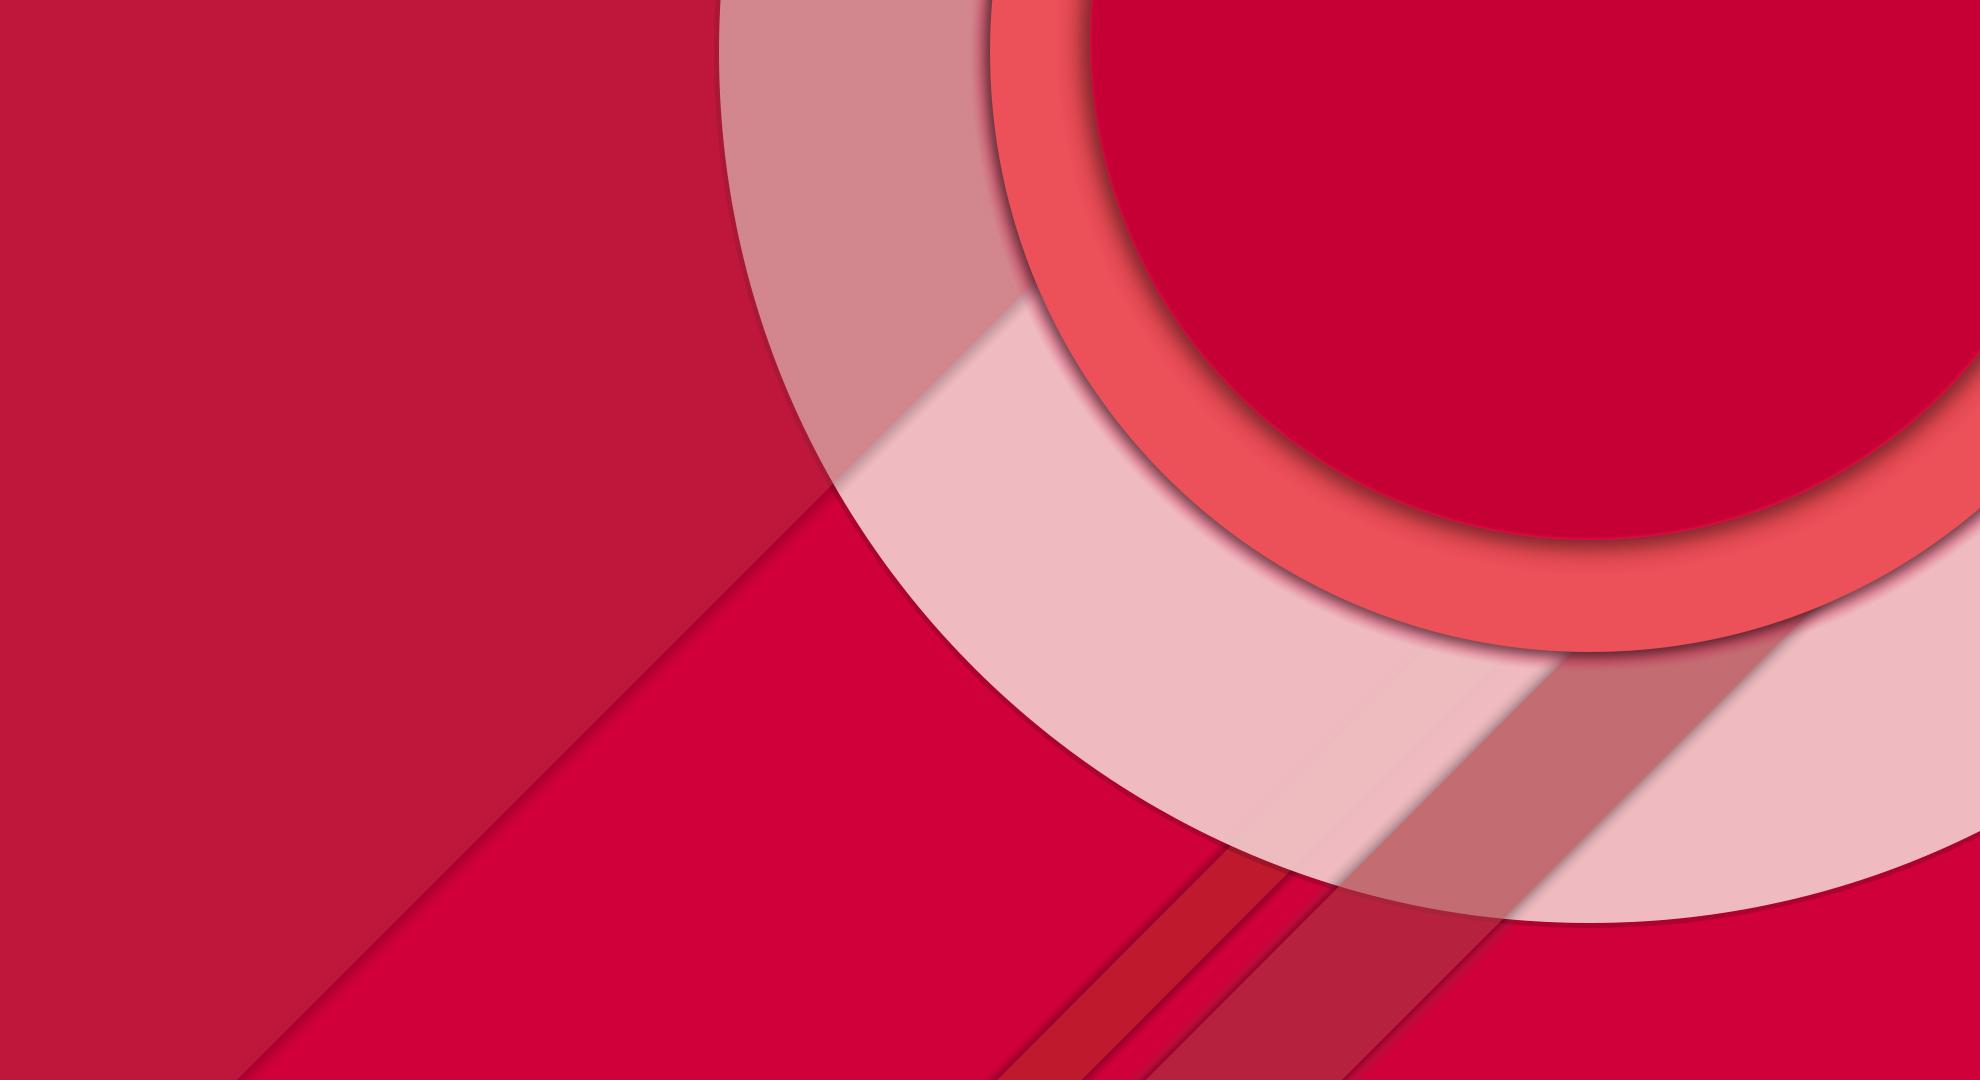 Material Design a další akce v Ostravě